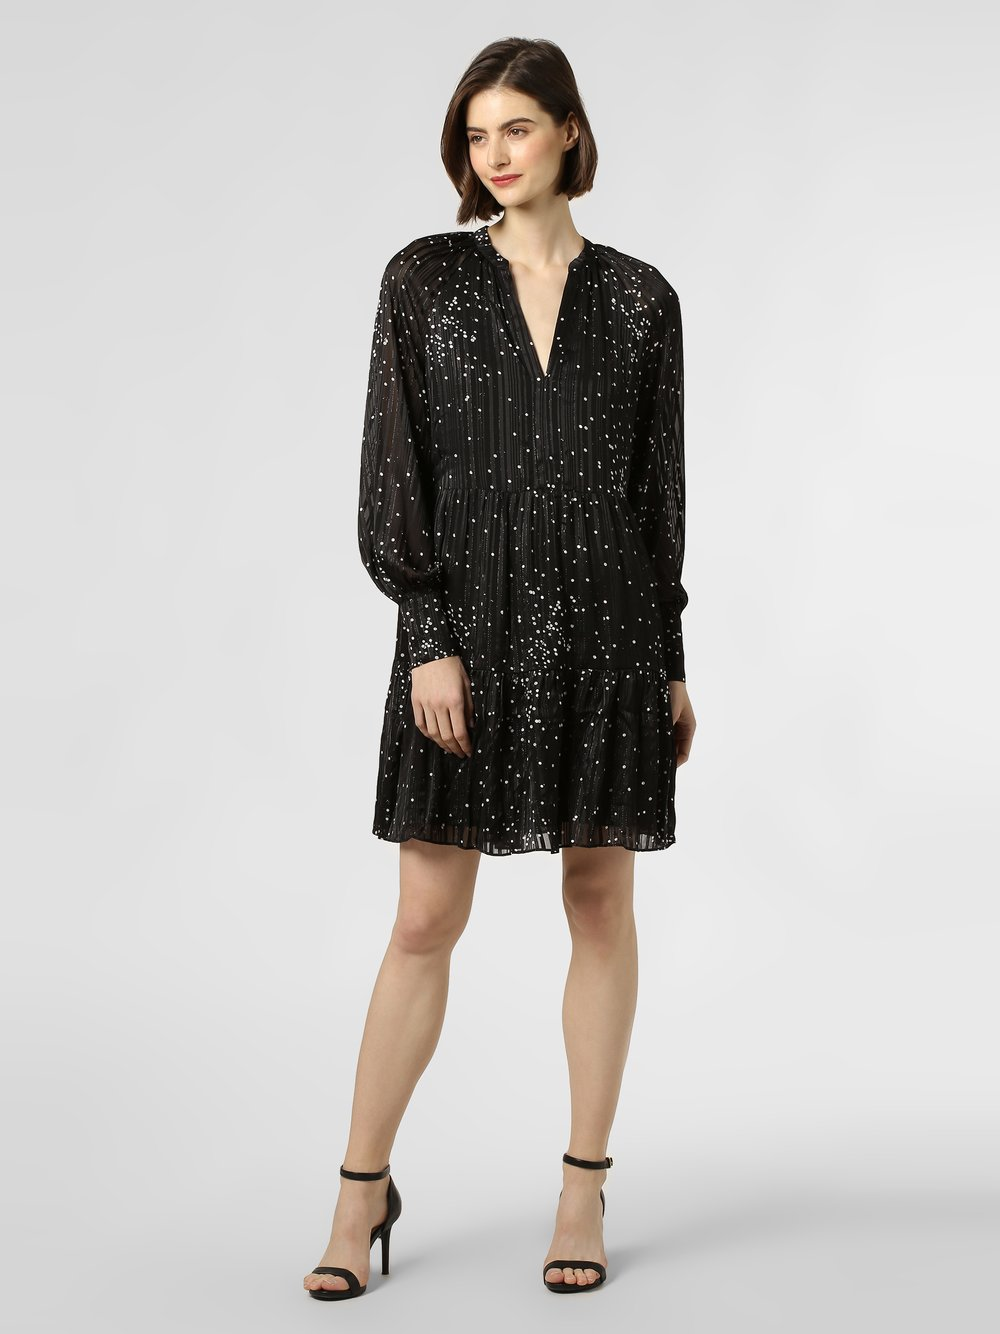 Y.A.S – Sukienka damska – Yasgreta, czarny Van Graaf 447427-0001